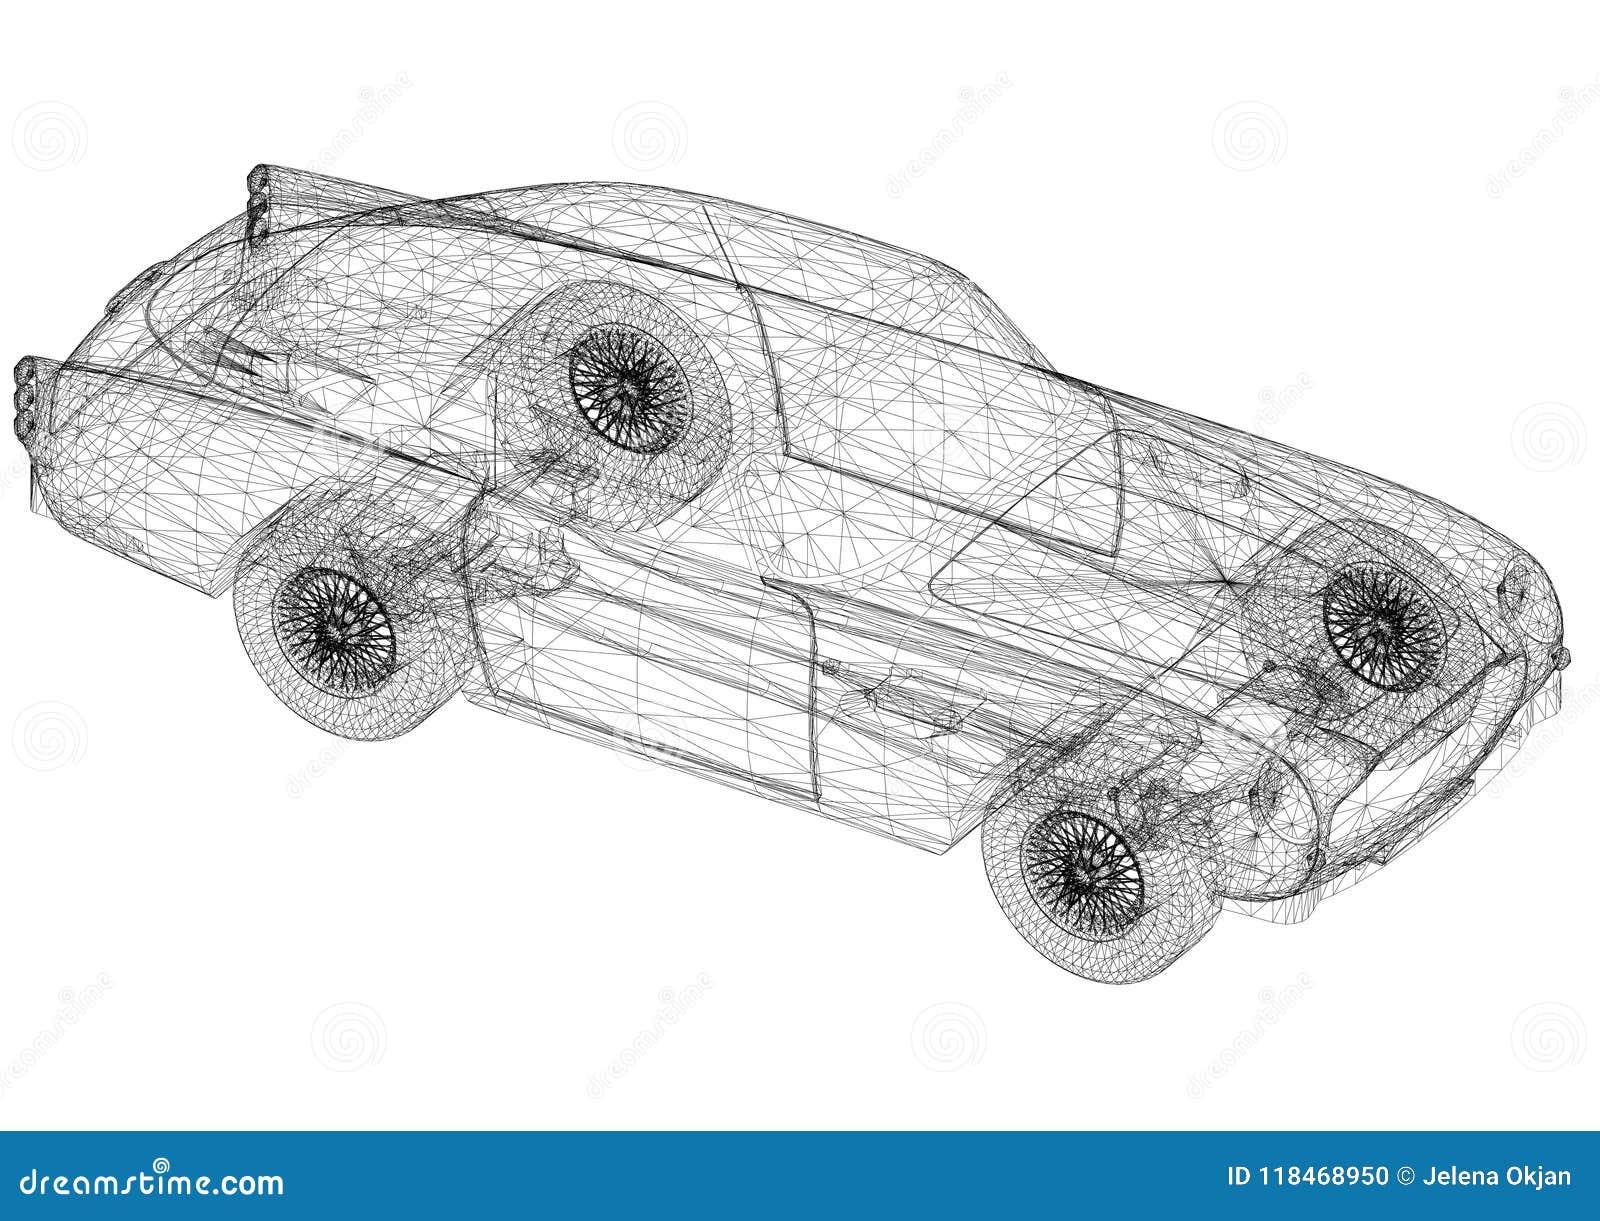 Old car architect blueprint stock illustration illustration of download old car architect blueprint stock illustration illustration of design geometry 118468950 malvernweather Choice Image